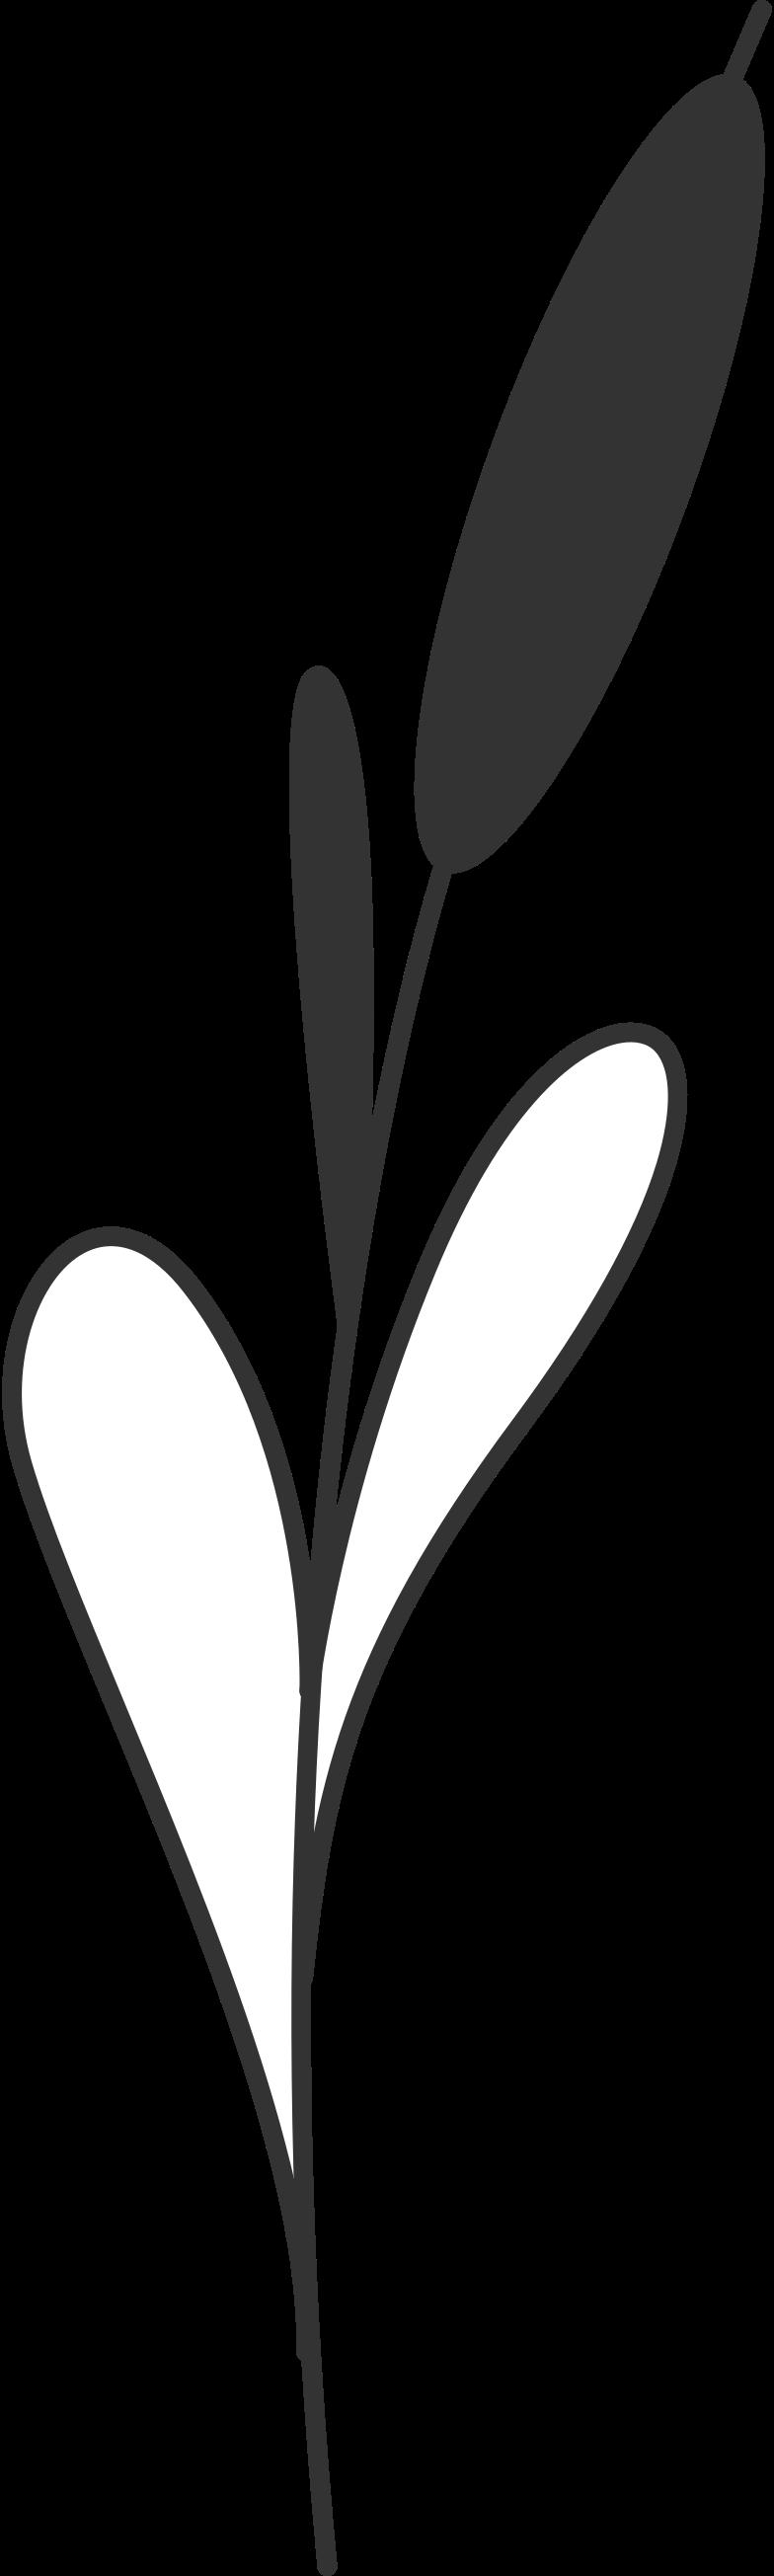 Immagine Vettoriale canna in PNG e SVG in stile  | Illustrazioni Icons8